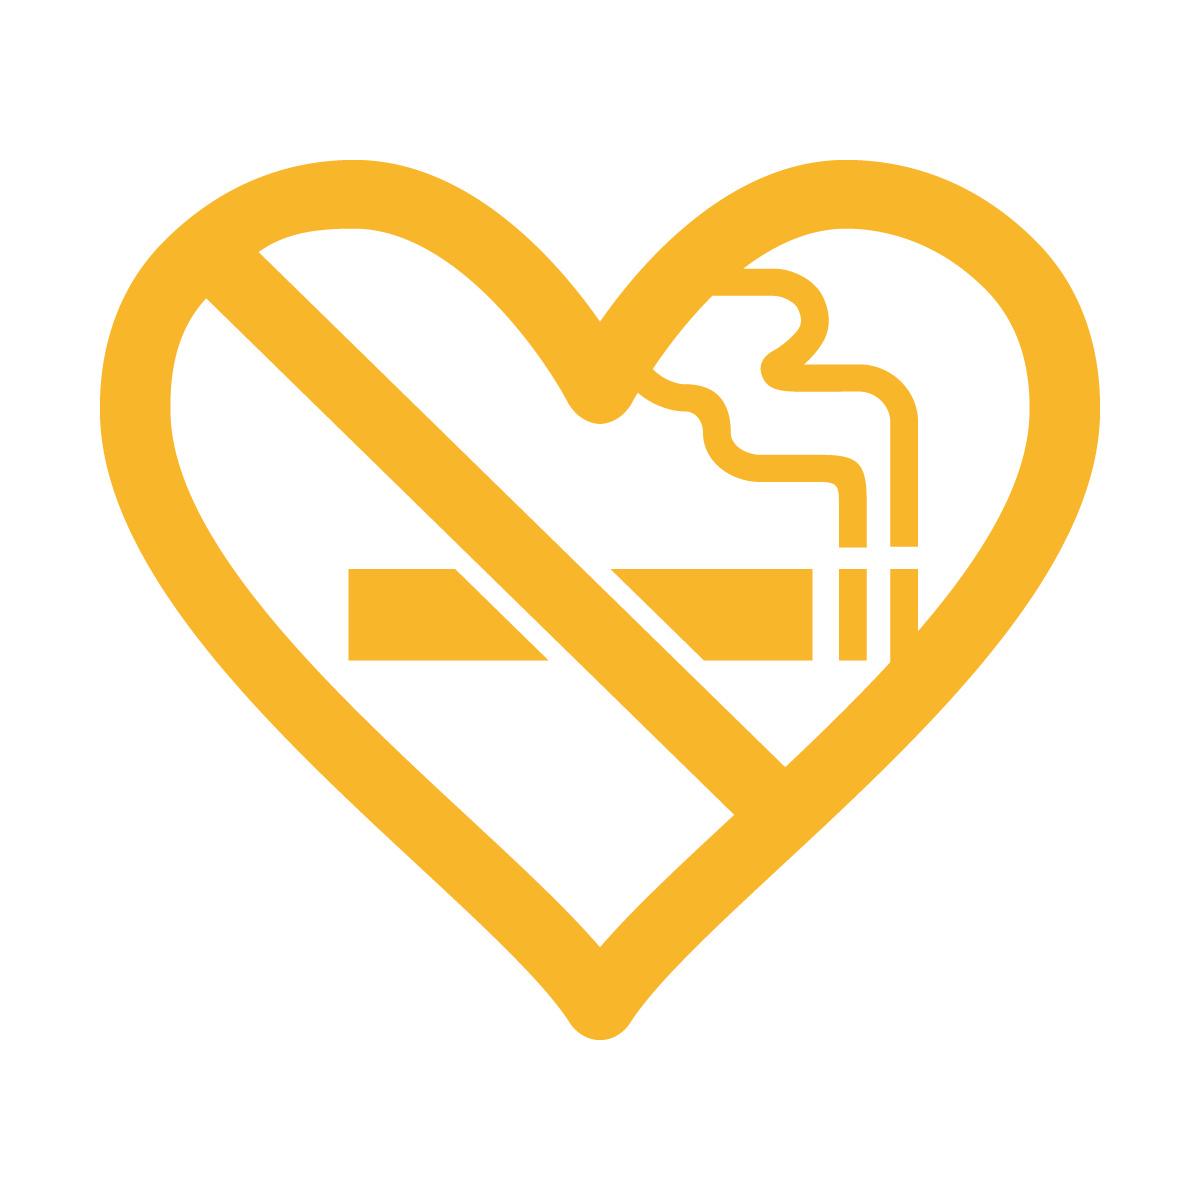 黄色の禁煙 ハート シール ステッカー カッティングステッカー 光沢タイプ・防水 耐水・屋外耐候3~4年